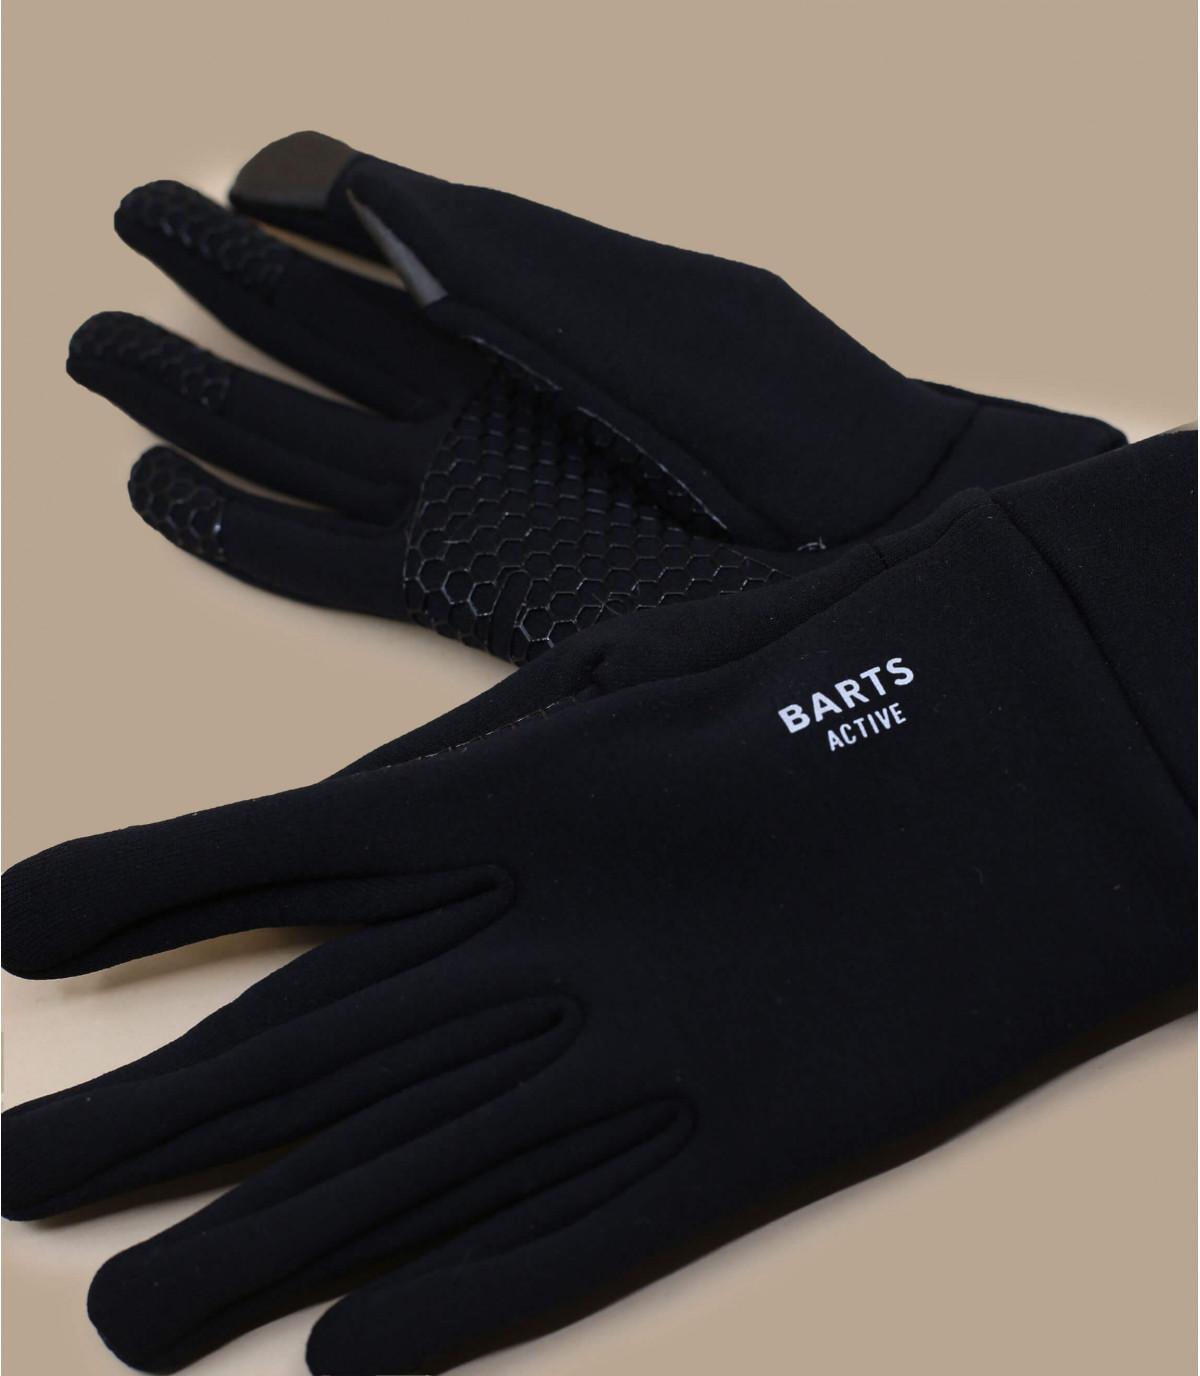 Details Fein gestrickte Smartphone Schwarze Handschuhe - Abbildung 3